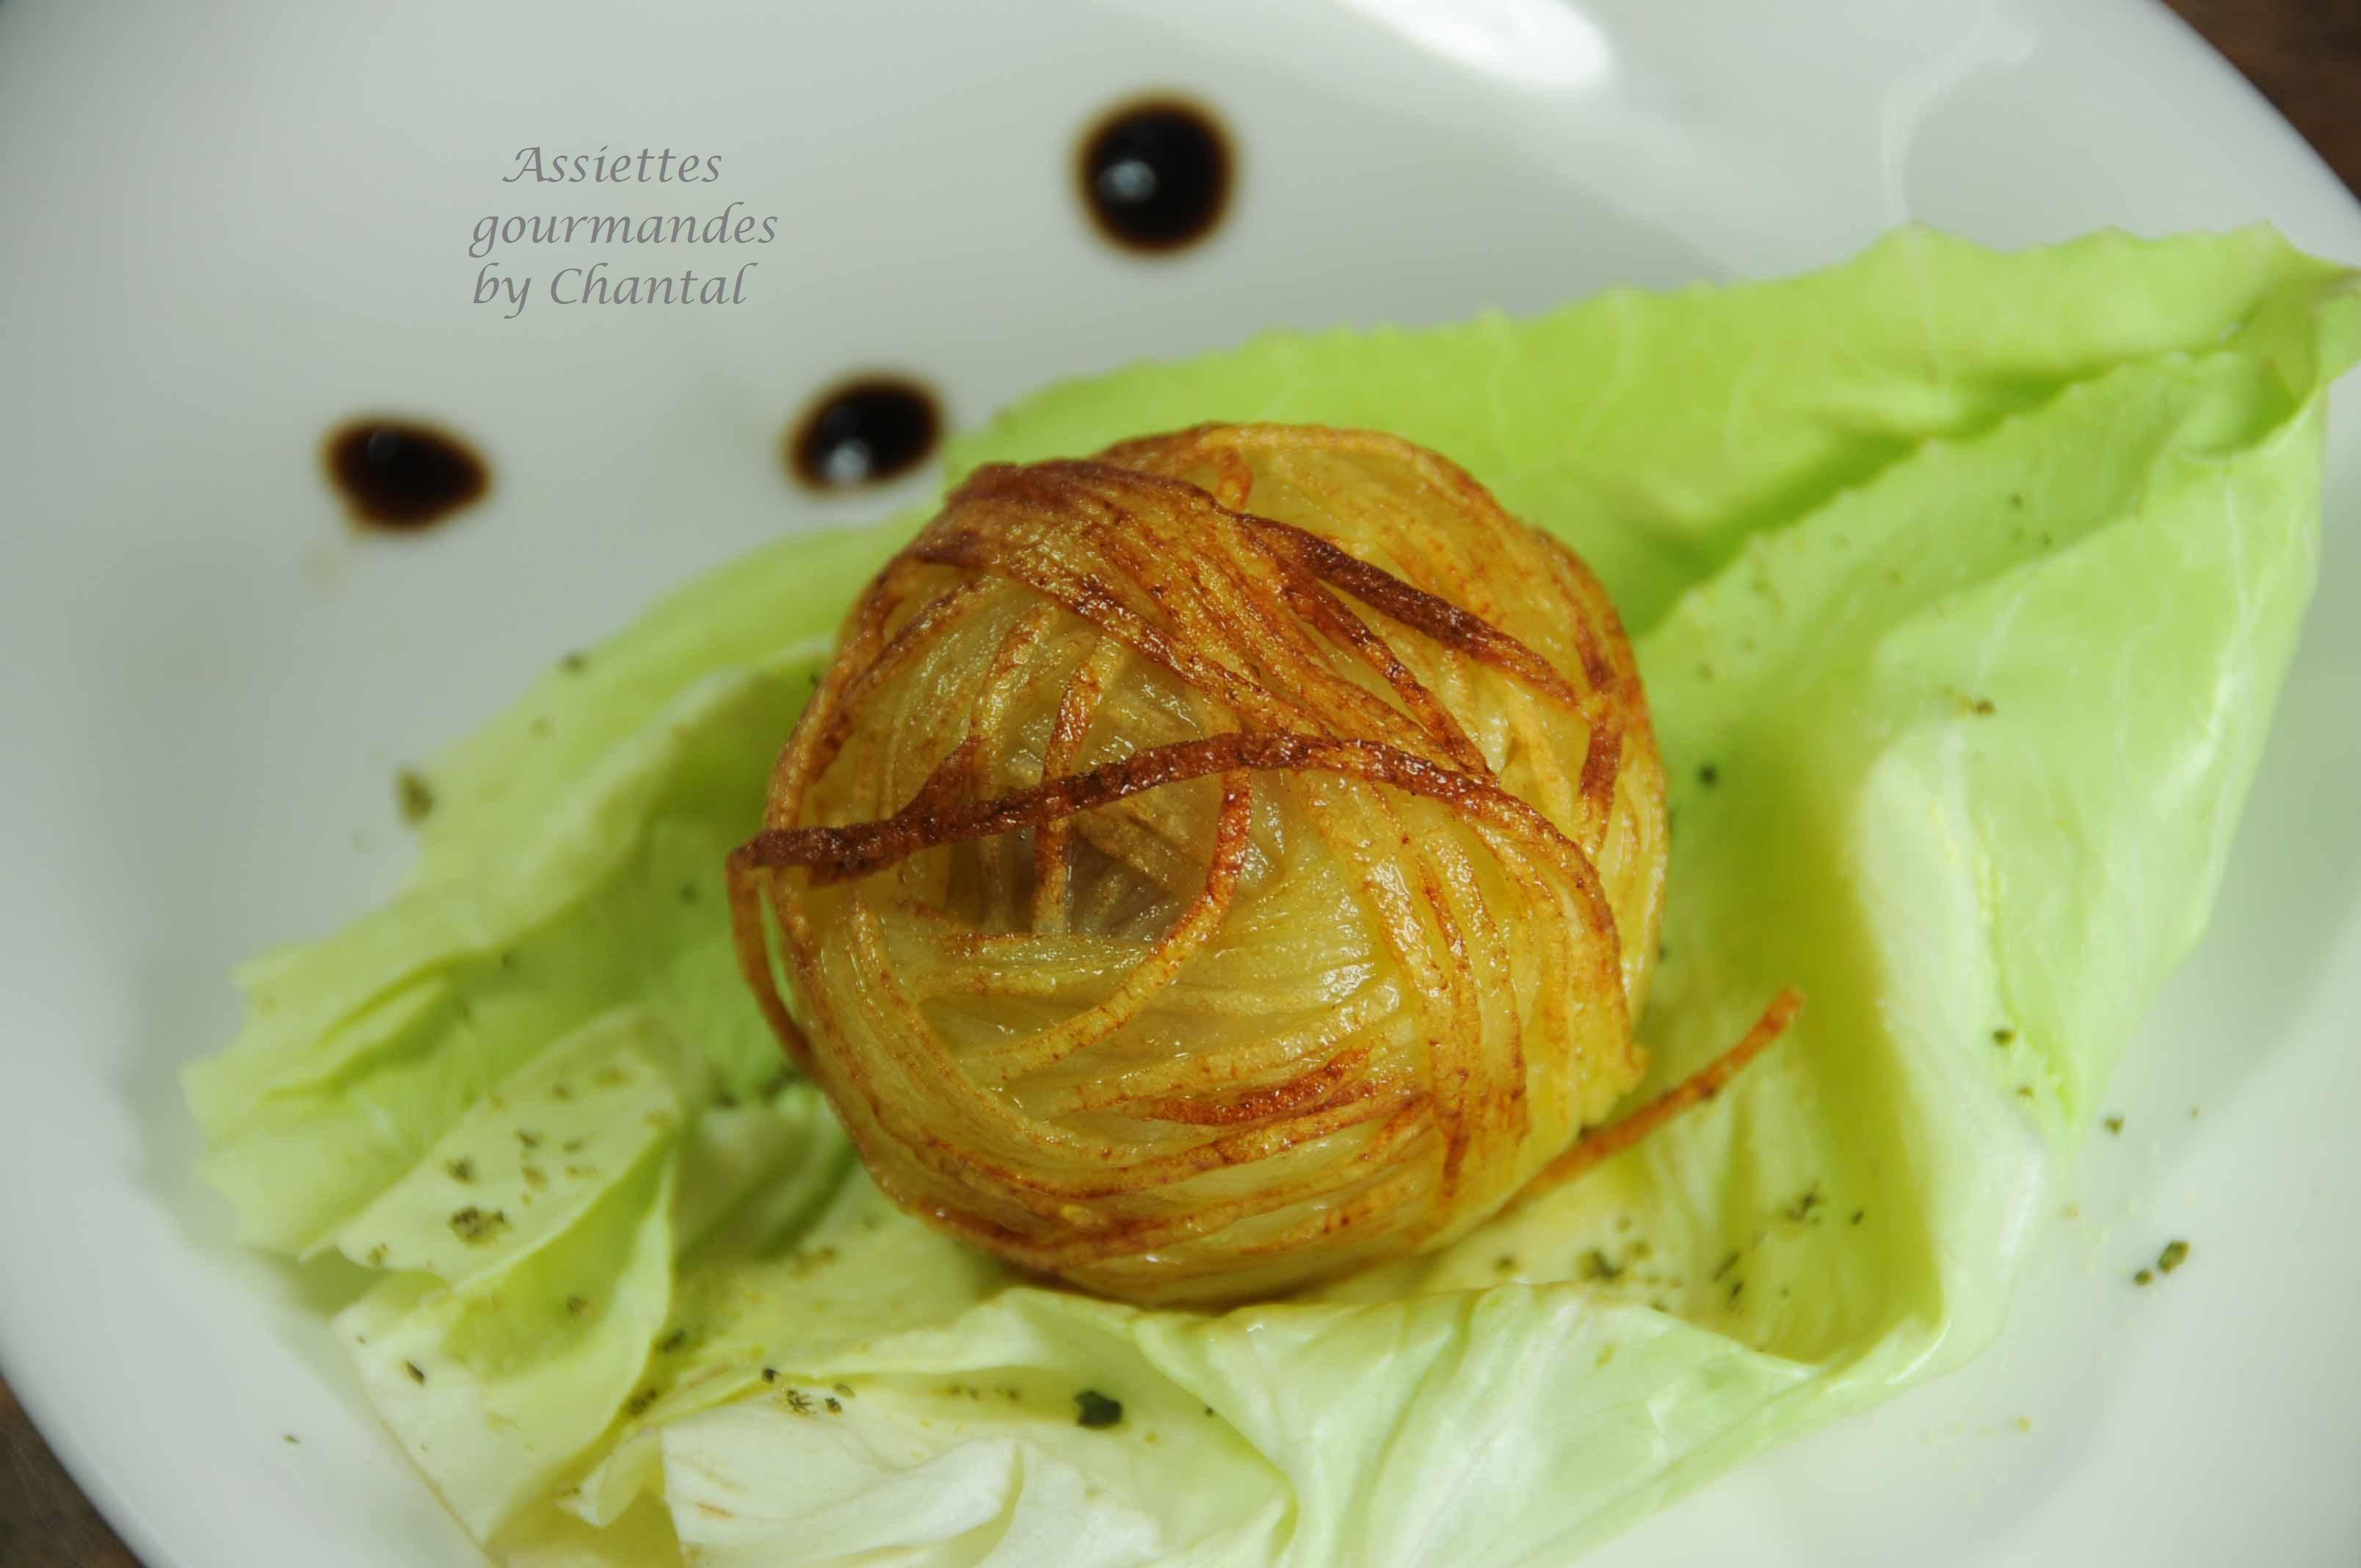 Bonbons de foie gras et de pommes de terre recette des fr res pourcel - Ramassage pomme de terre ...